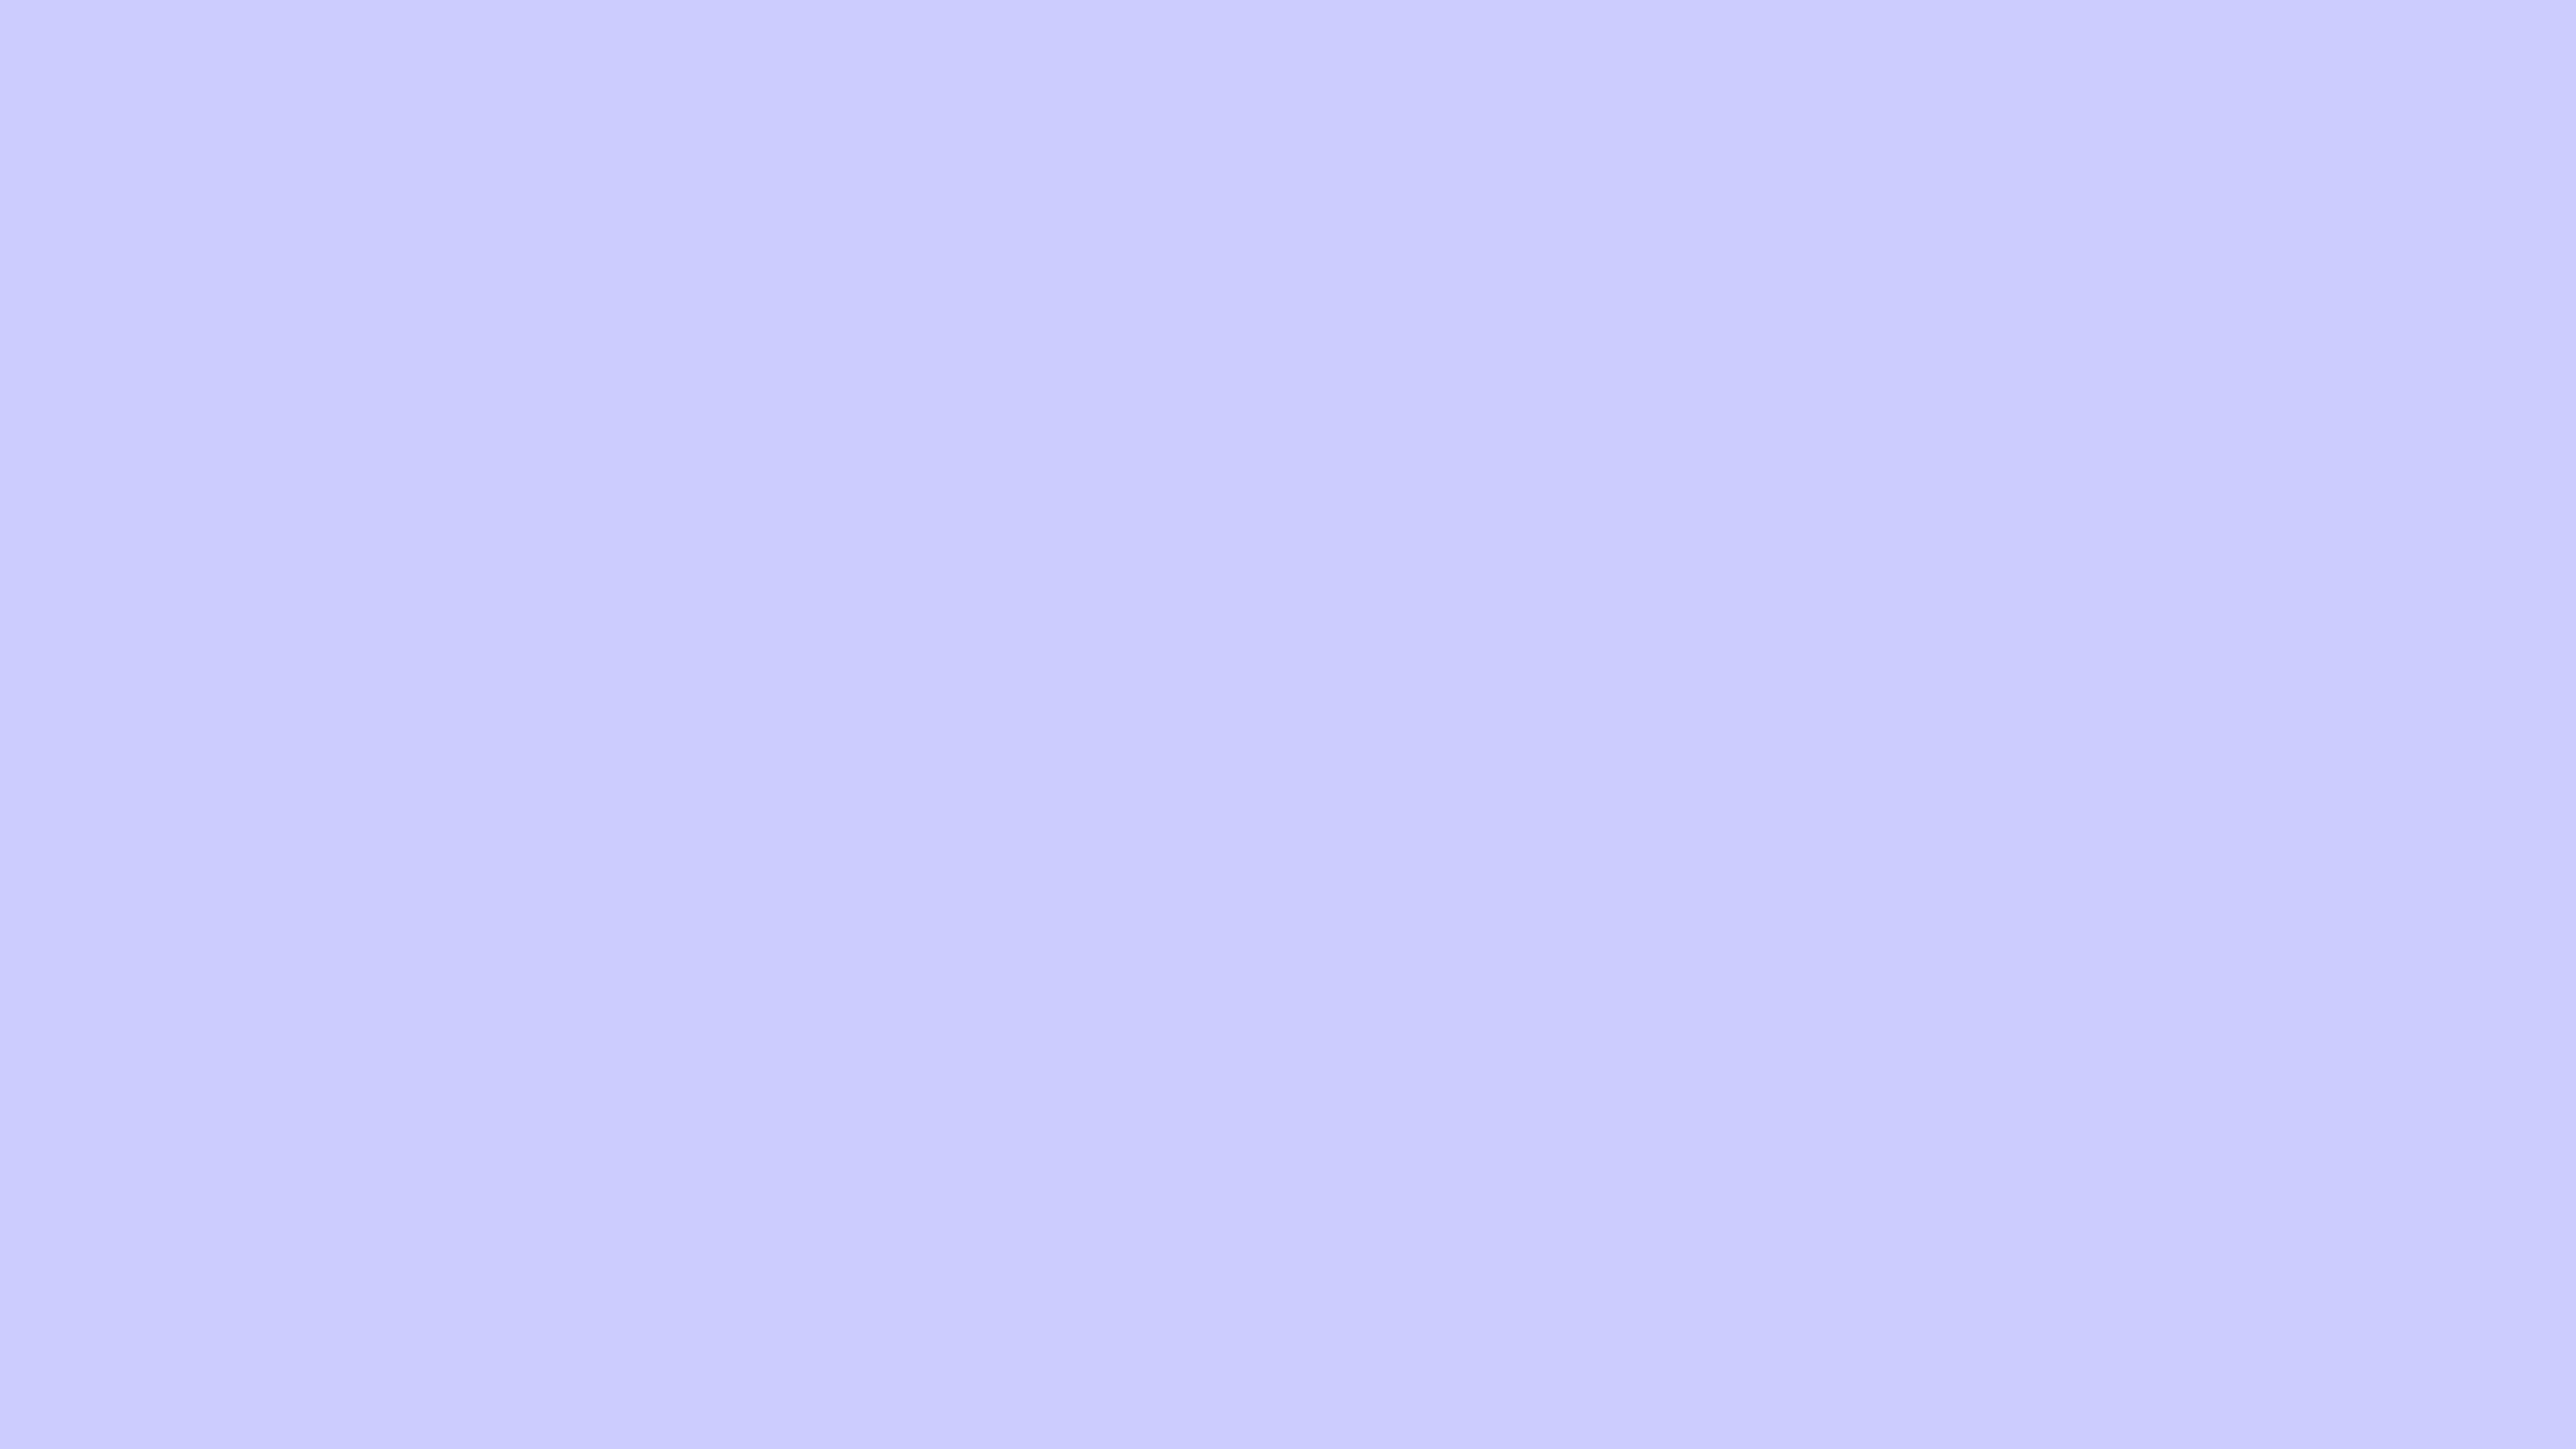 4096x2304 Lavender Blue Solid Color Background